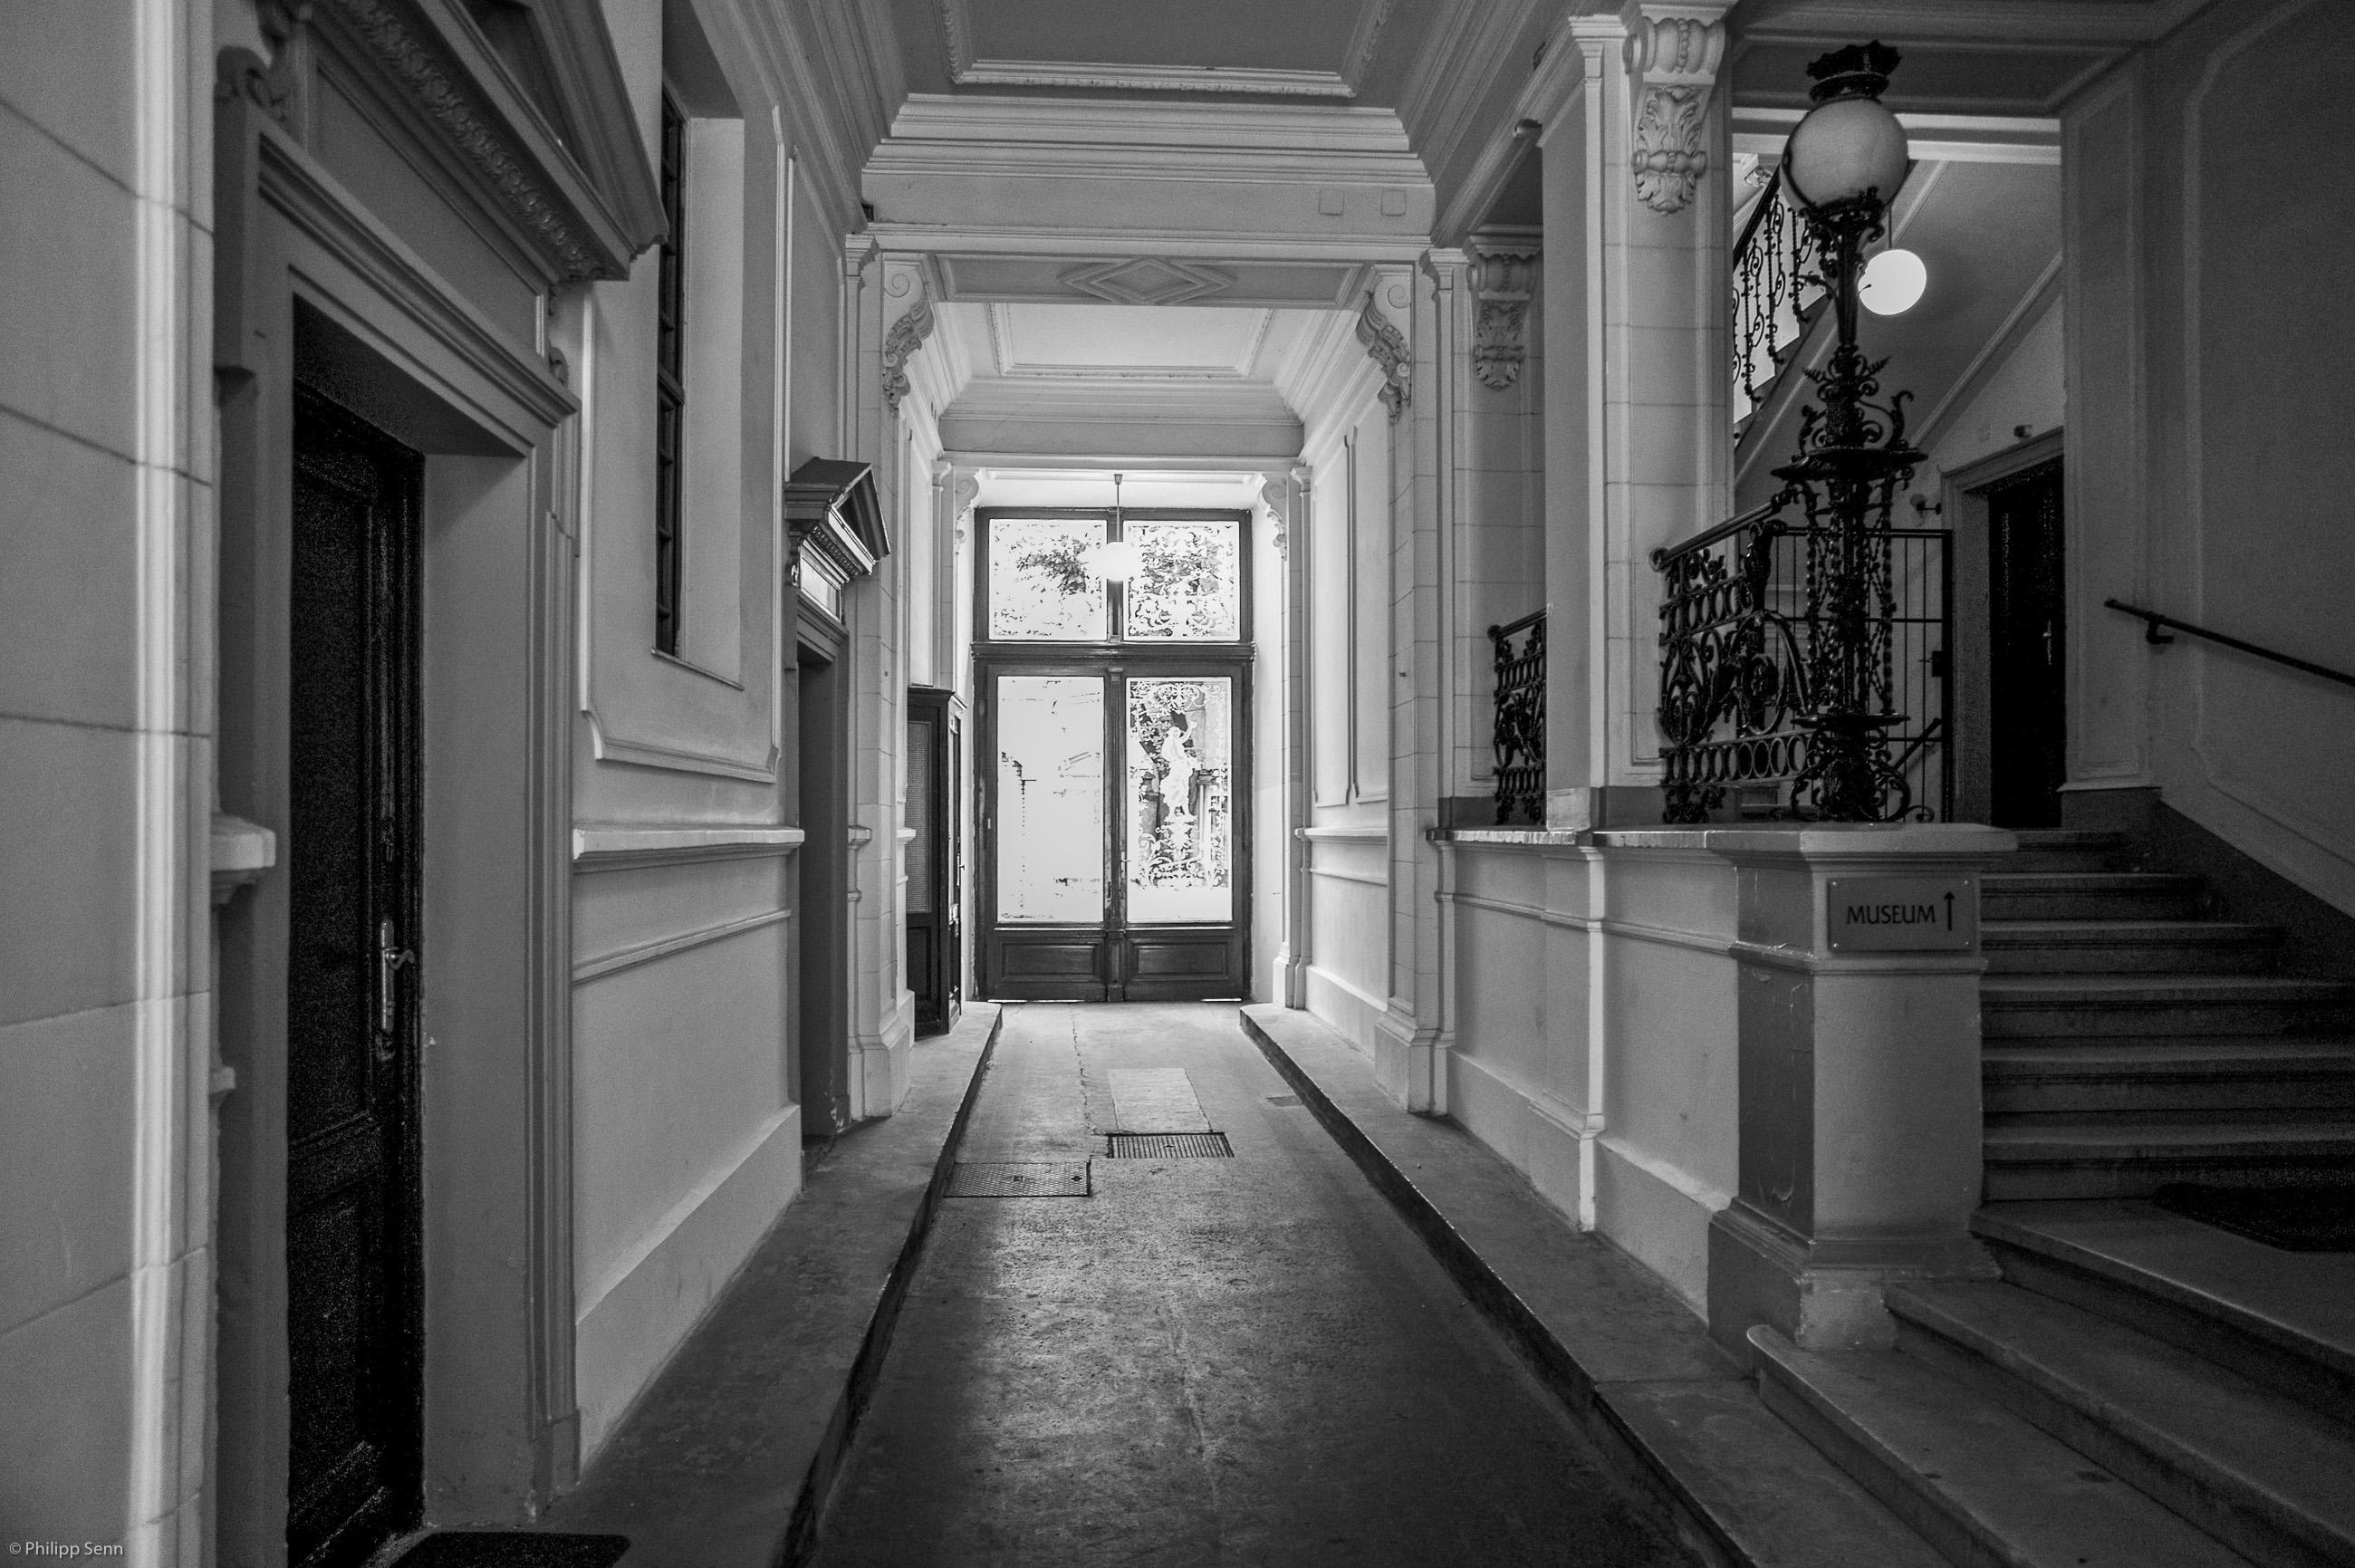 Berggasse 19 Sigmund Freud Eingangshalle mit Treppenstiege